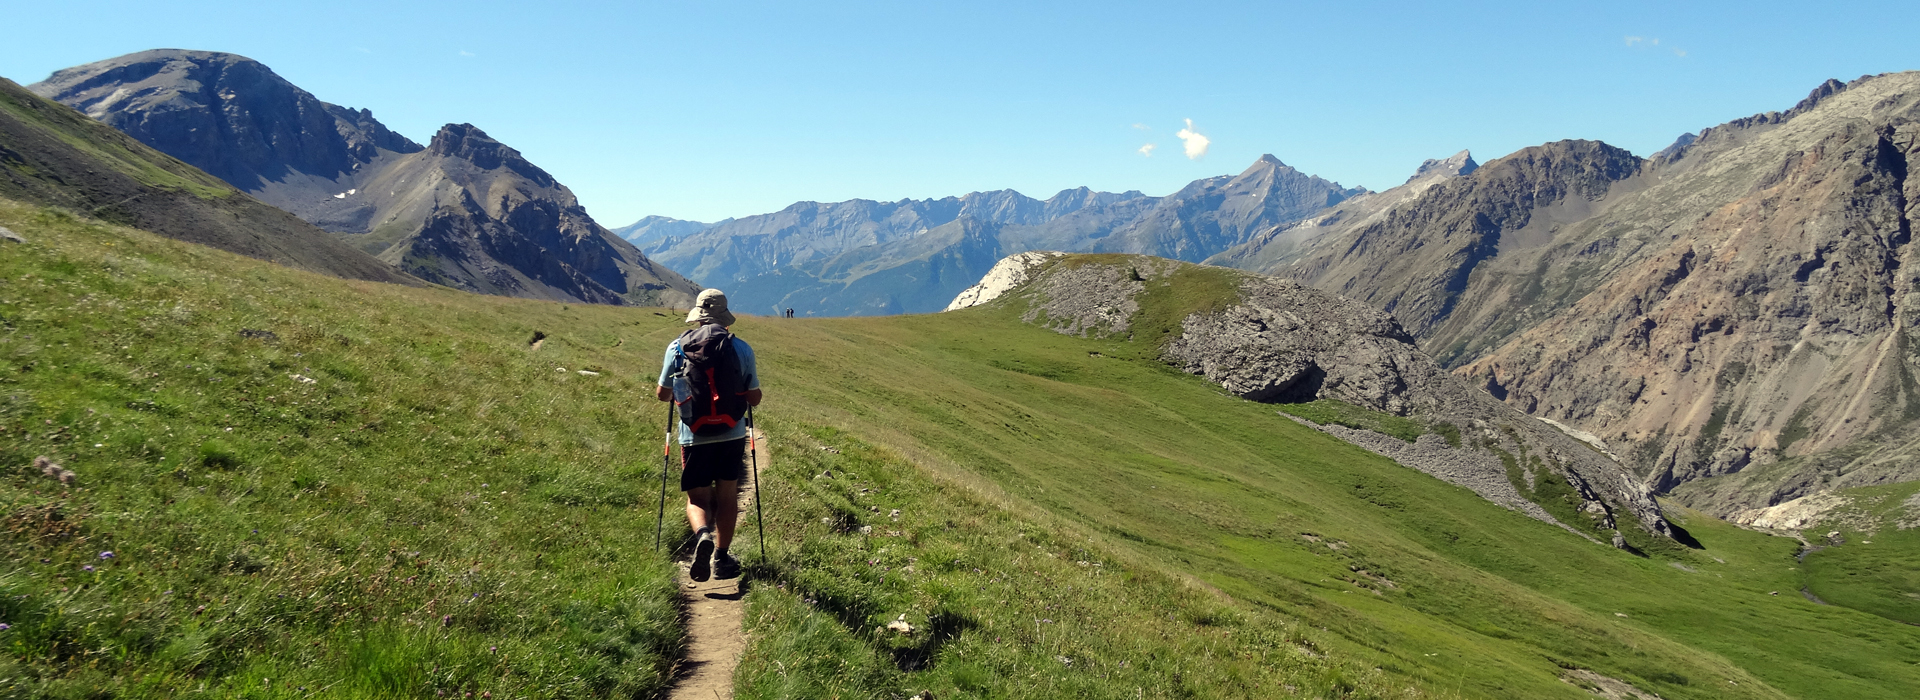 Tour des Ecrins - GR54 - Etape 4 - Monétiers-les-Bains - Vallouise